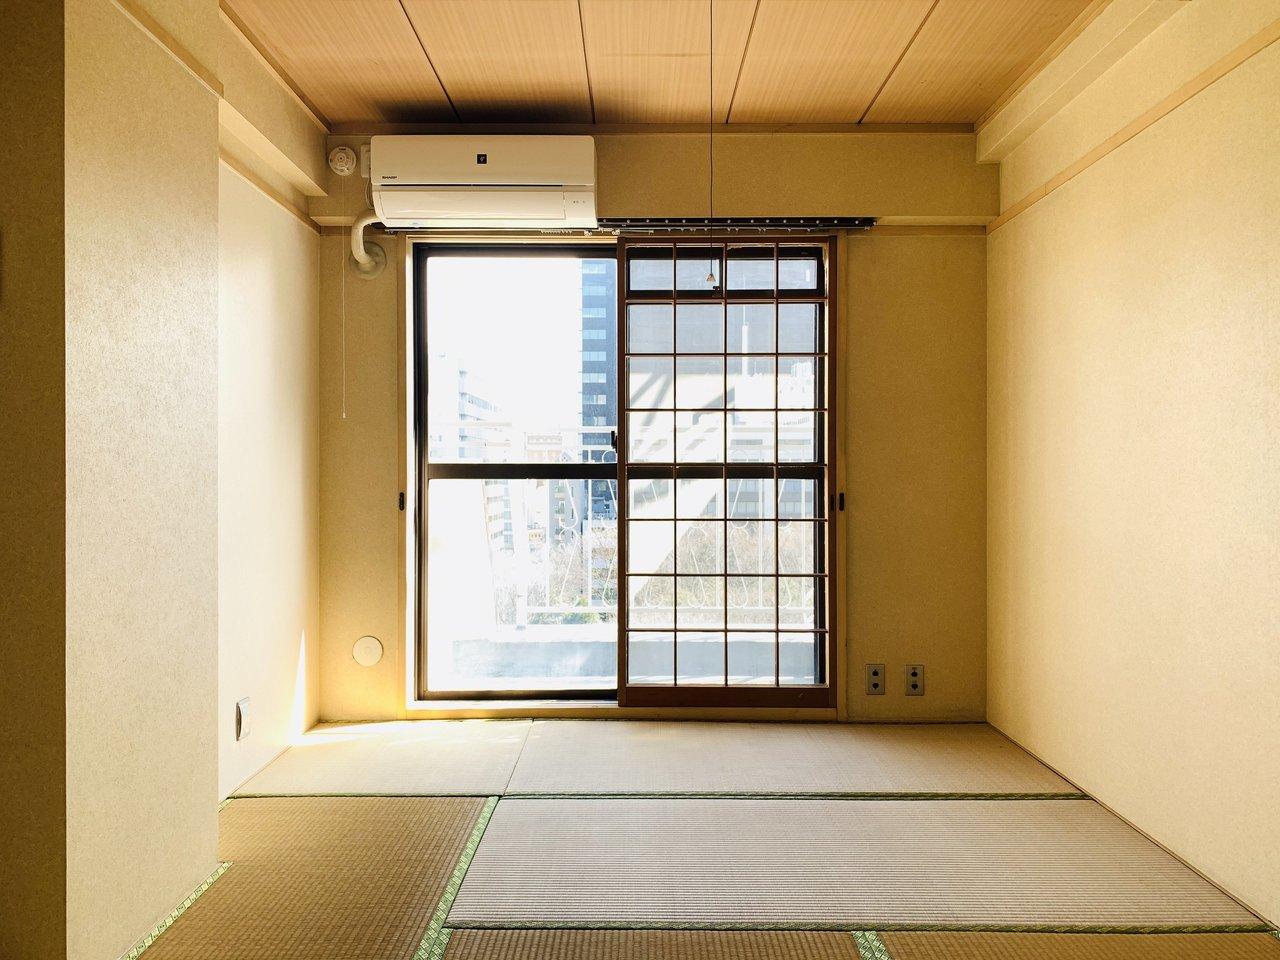 もう一部屋は和室になっていました。うまくアレンジして雰囲気ある寝室を作ってみるのも面白そう。